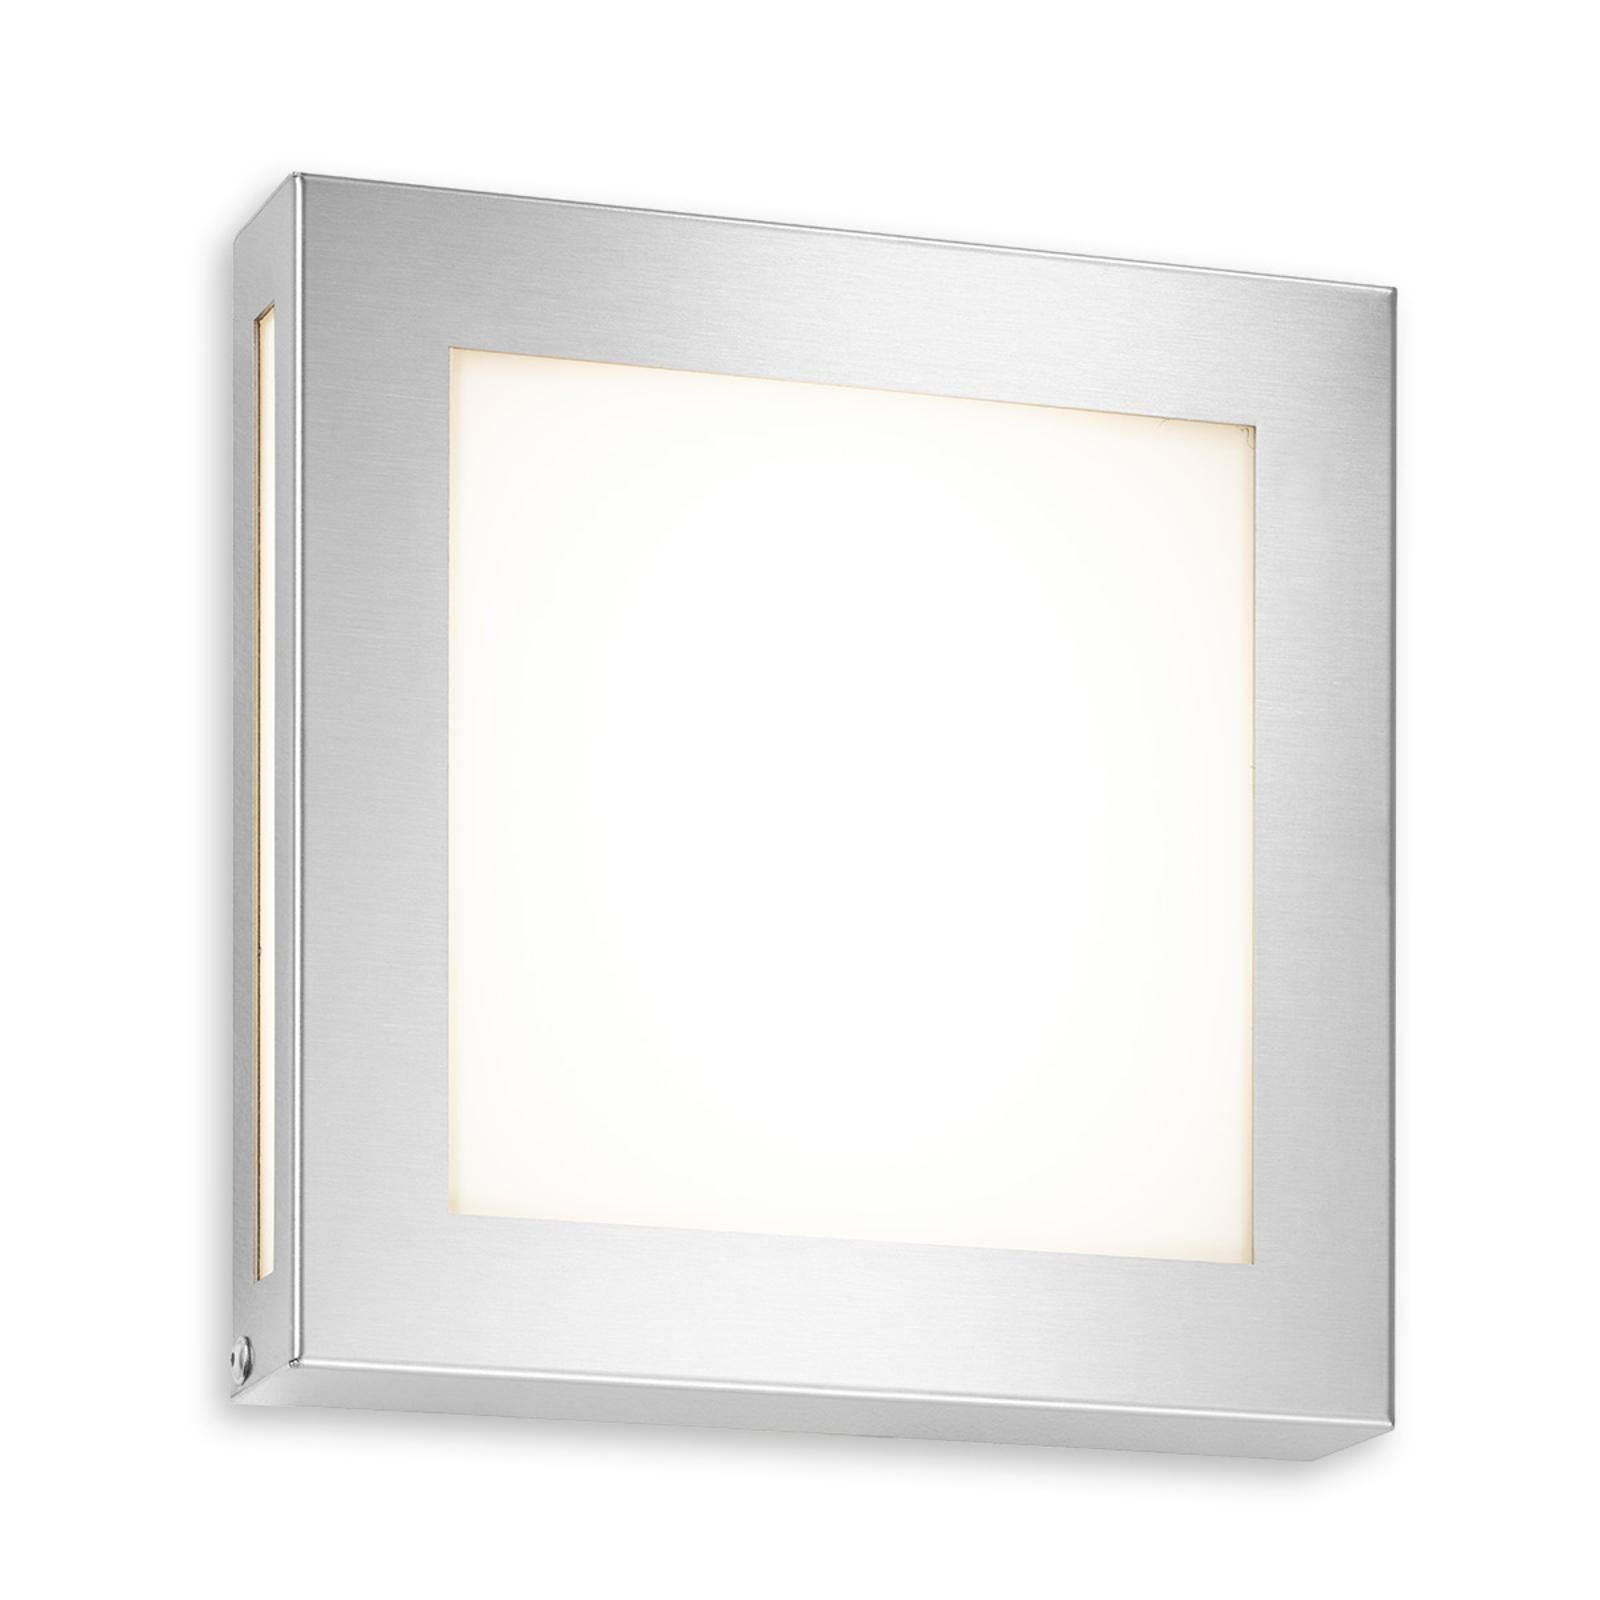 Udendørs væglampe Legendo Mini, rustfrit stål, LED